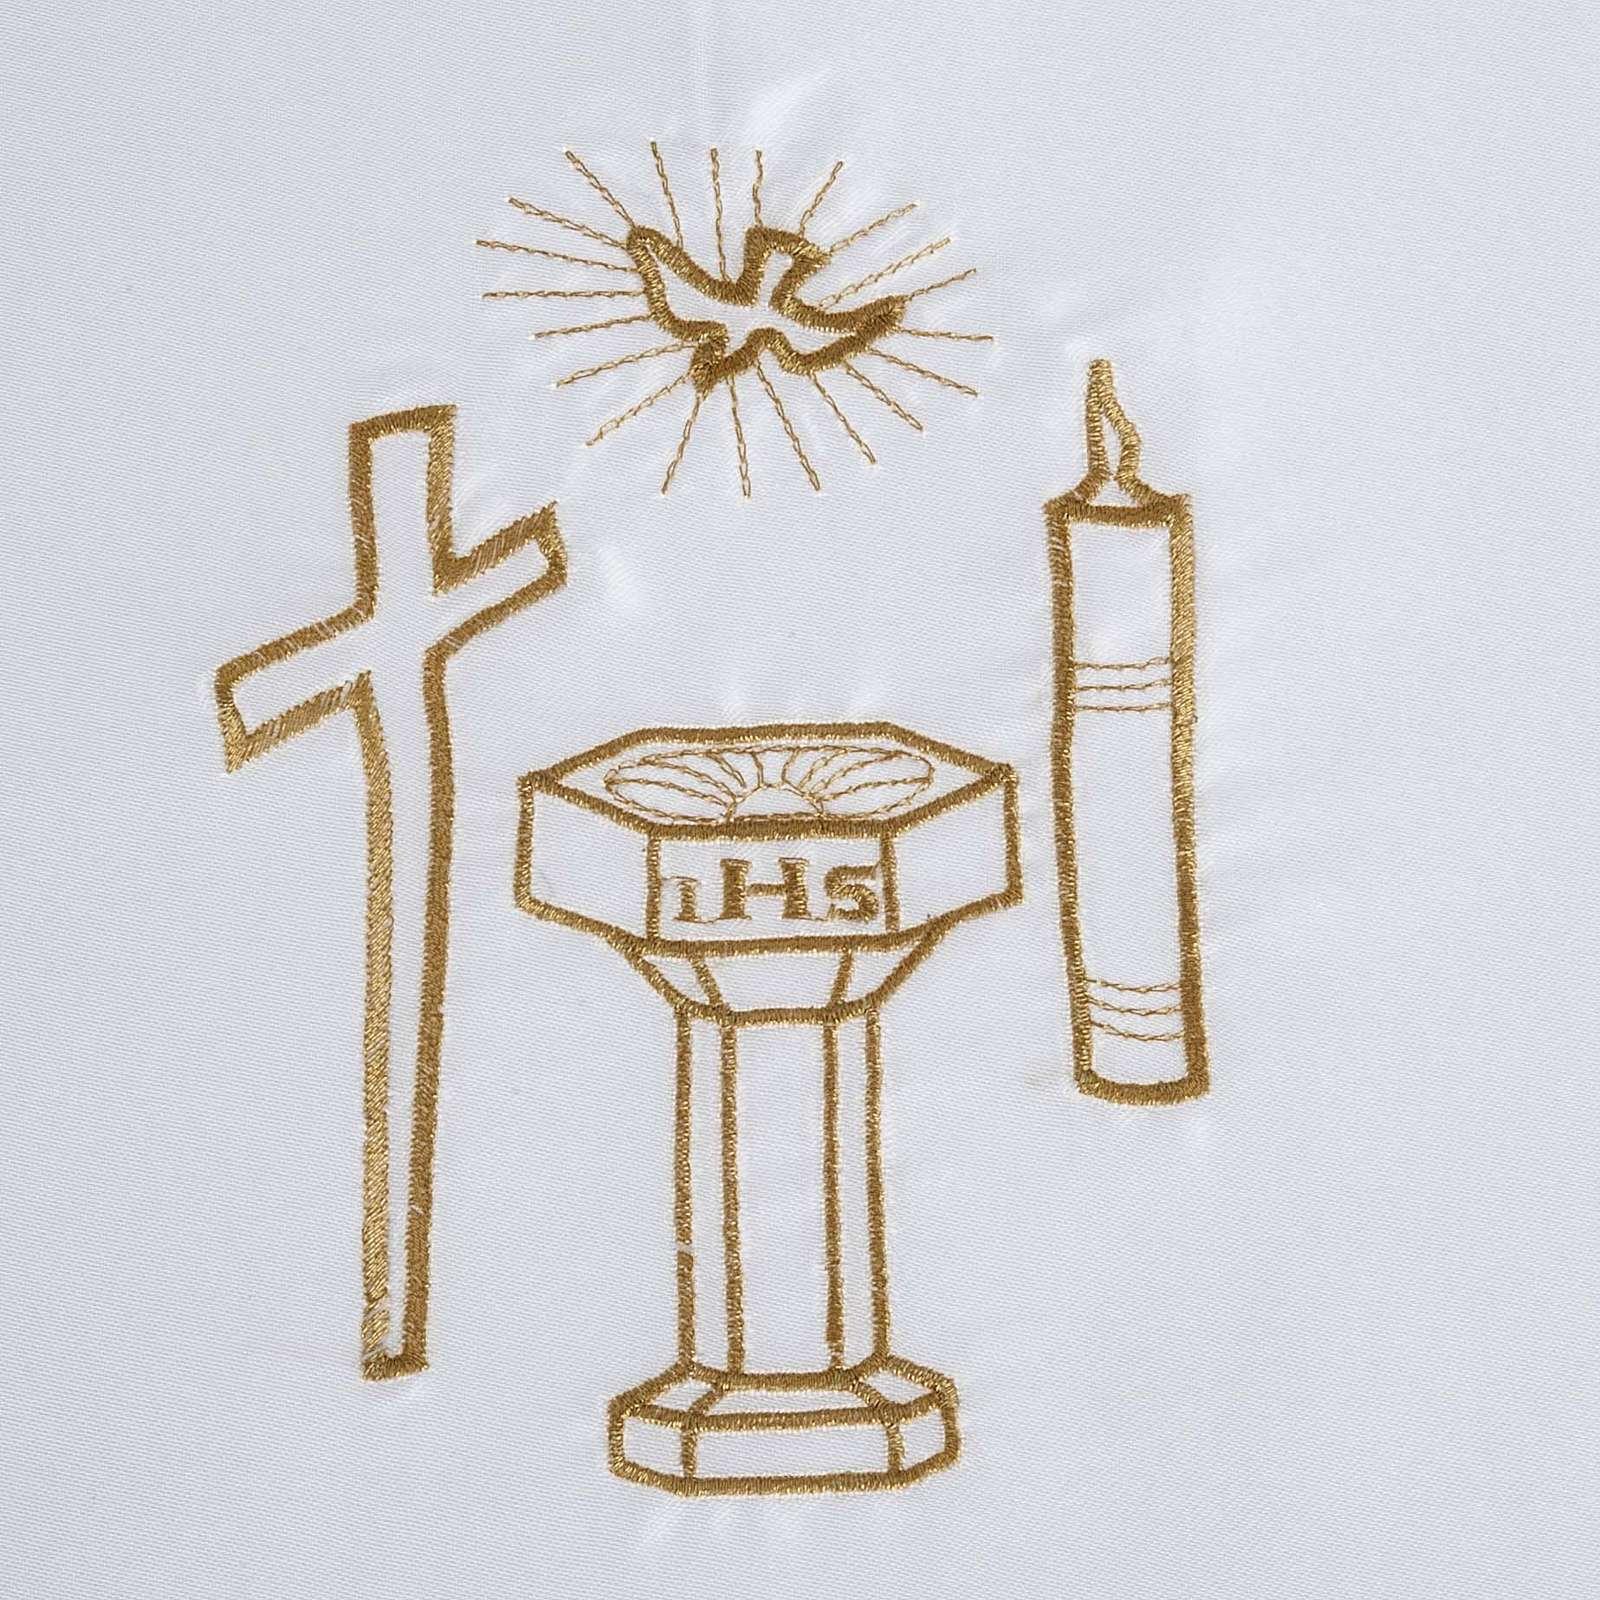 Brassière baptême colombe croix cierge fonts baptismaux satin 4